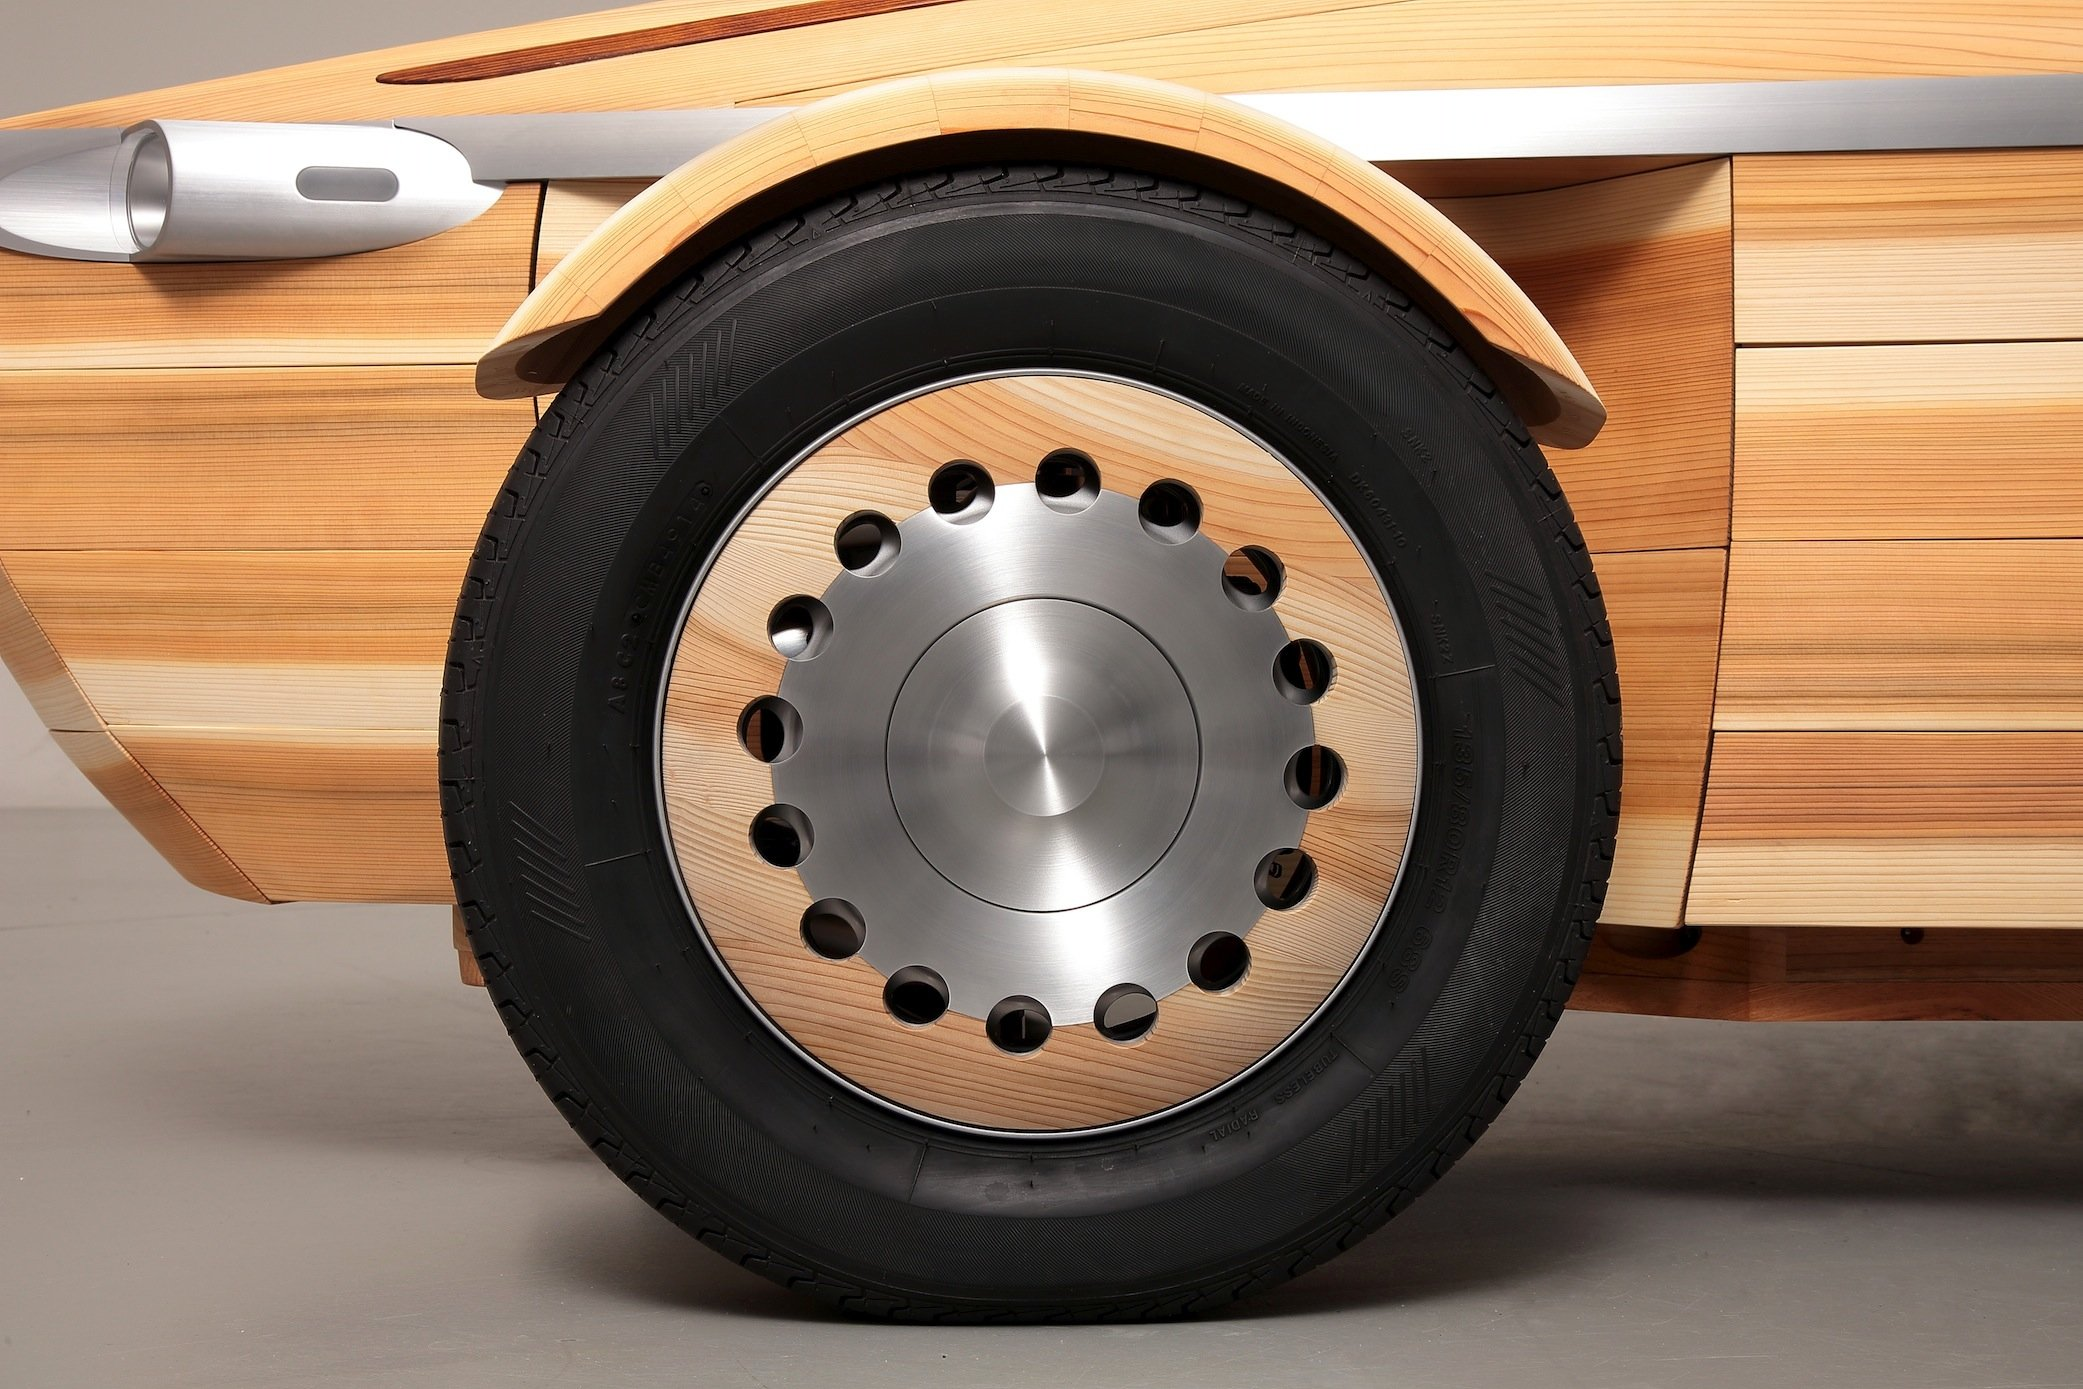 Selbst die Radkappen des Toyota Setsuna sind aus Holz gefertigt.